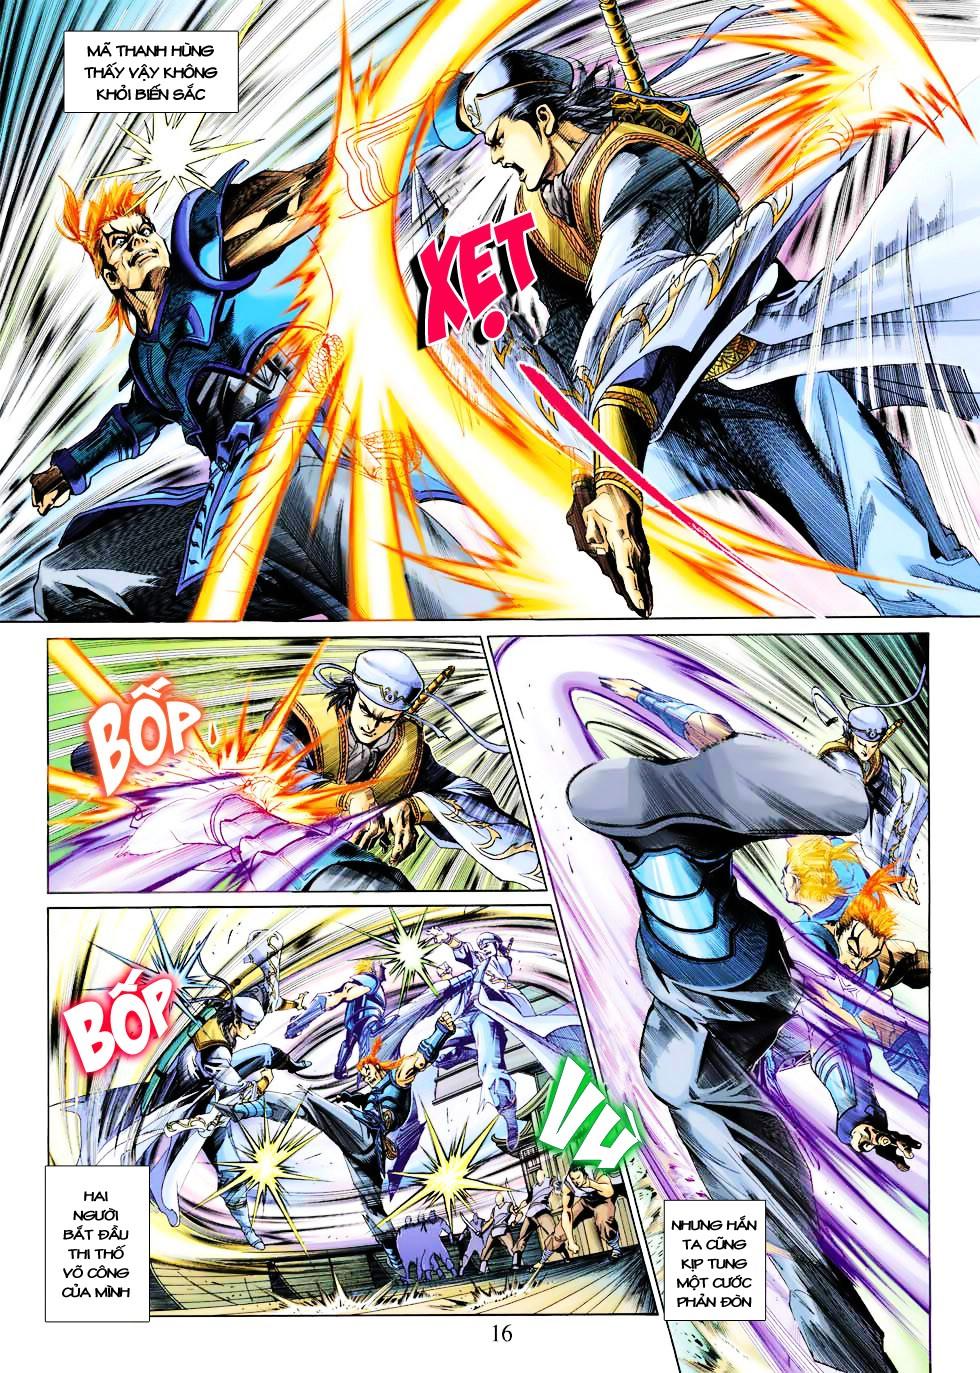 Anh Hùng Xạ Điêu anh hùng xạ đêu chap 27 trang 16